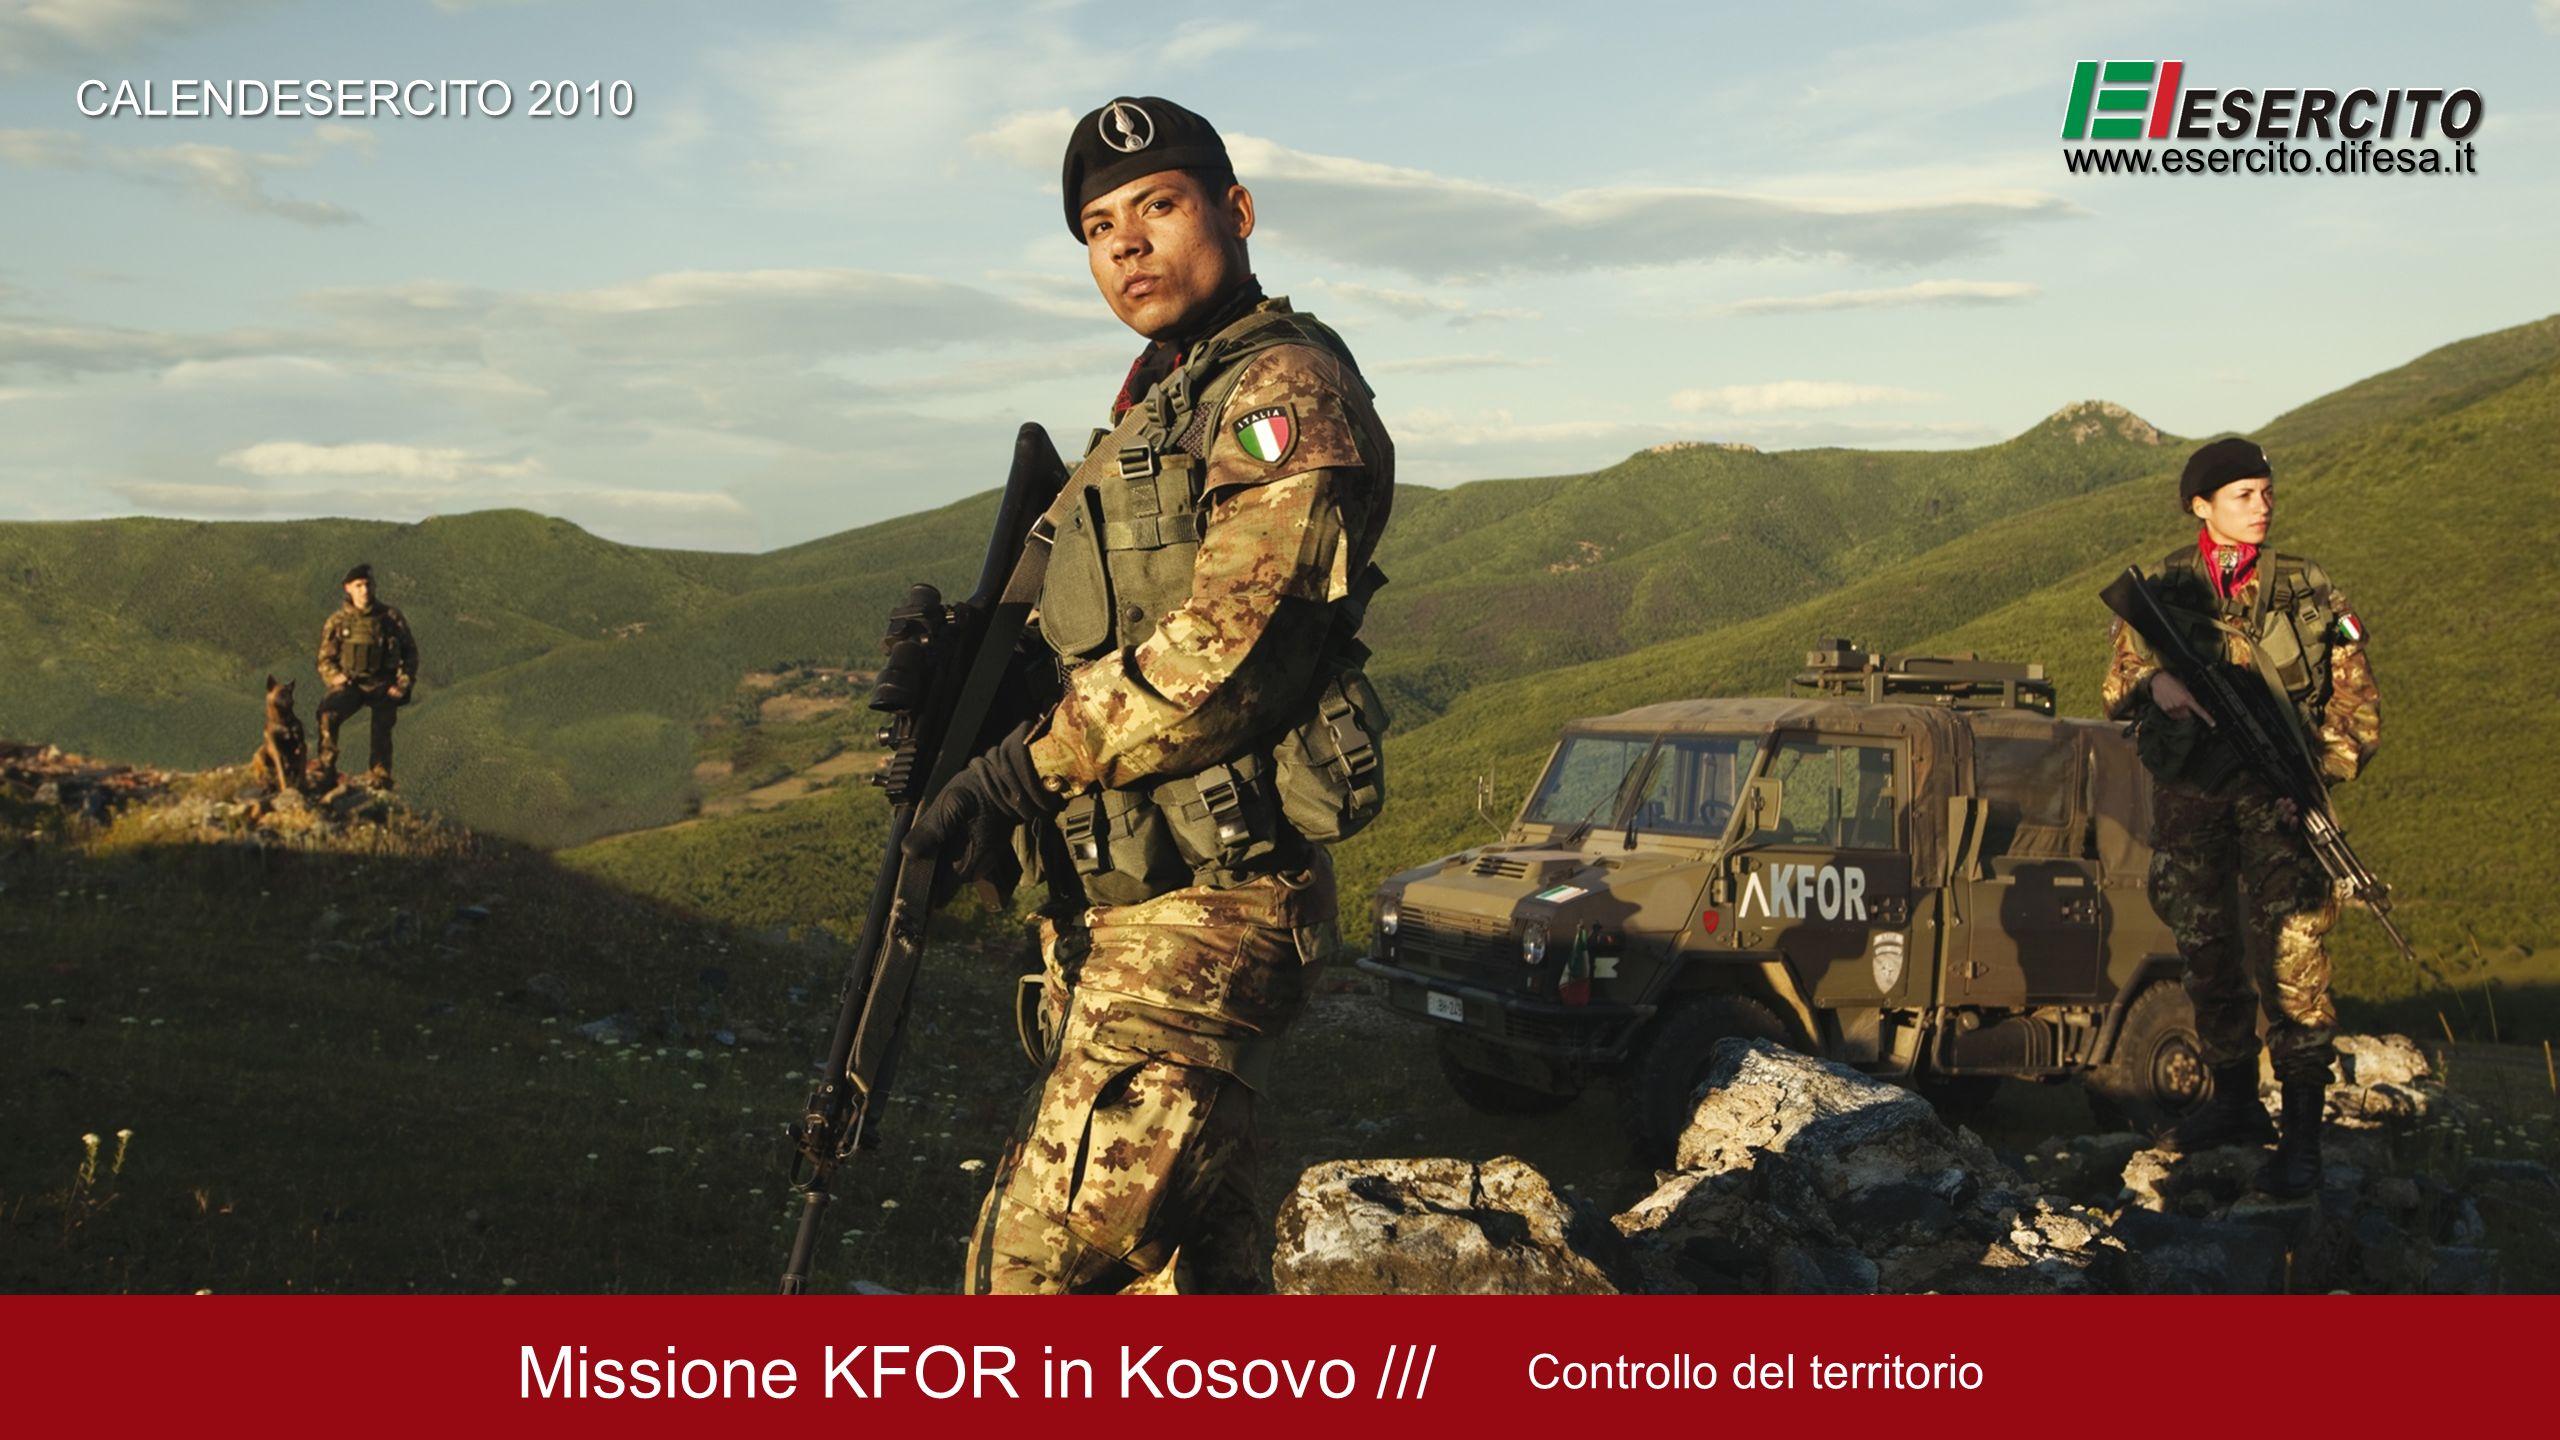 Missione KFOR in Kosovo ///